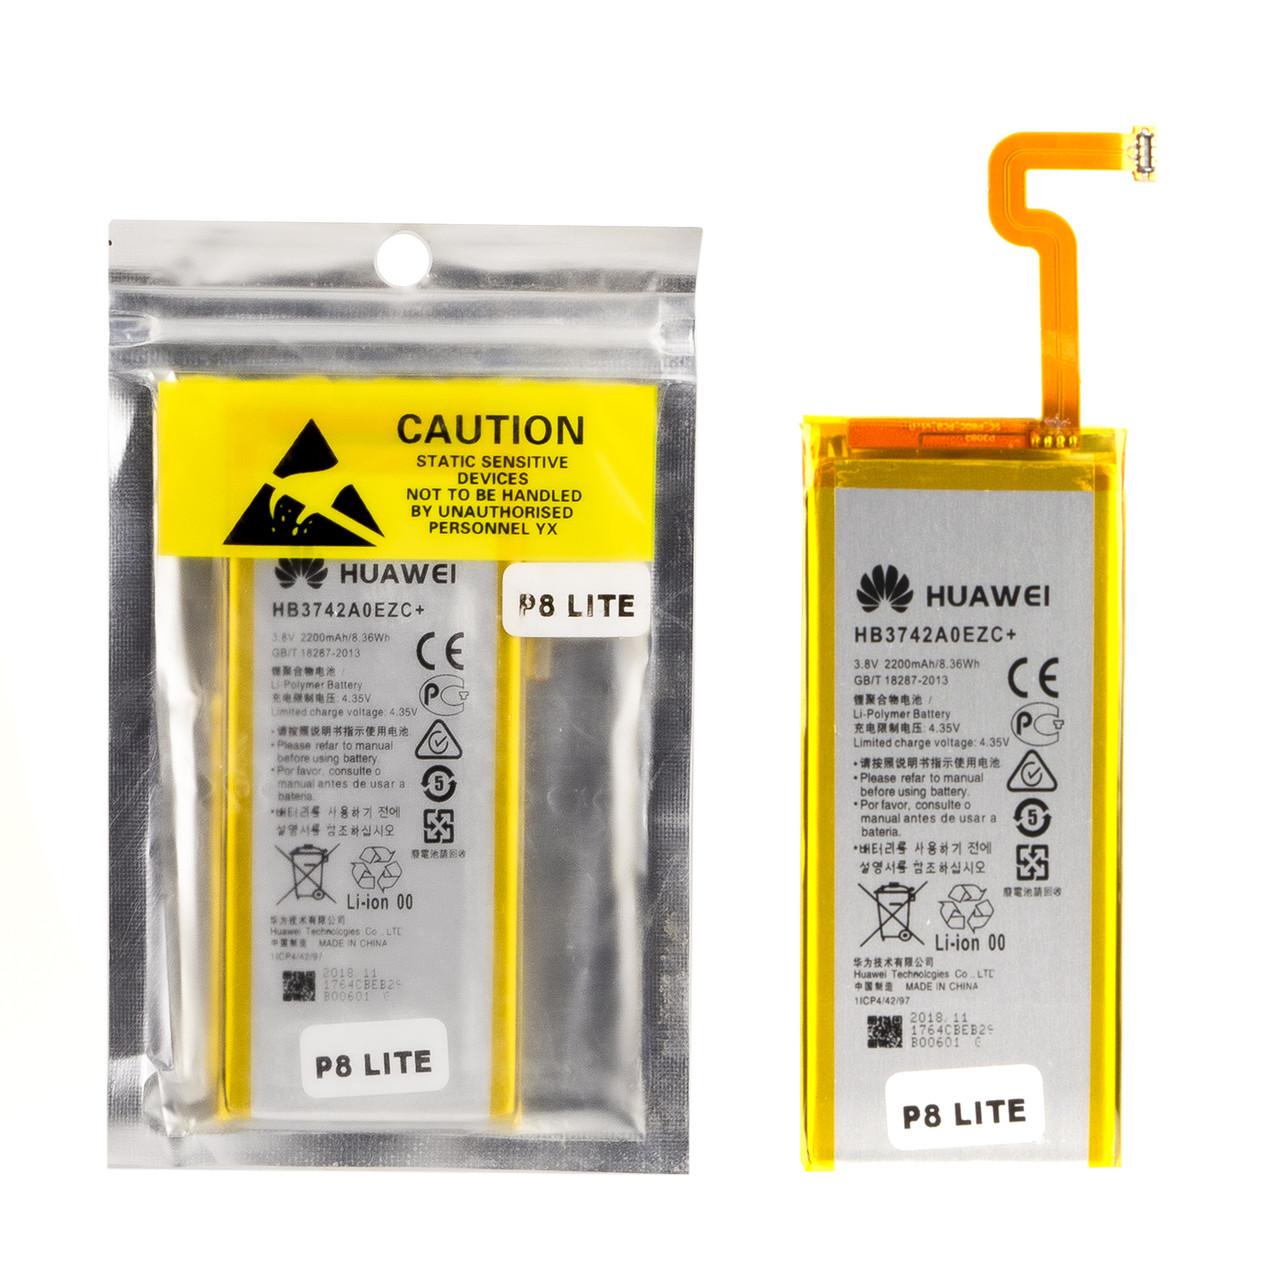 Аккумулятор Huawei HB3742A0EZC+ P8 Lite (2016) 2200mAh Caution